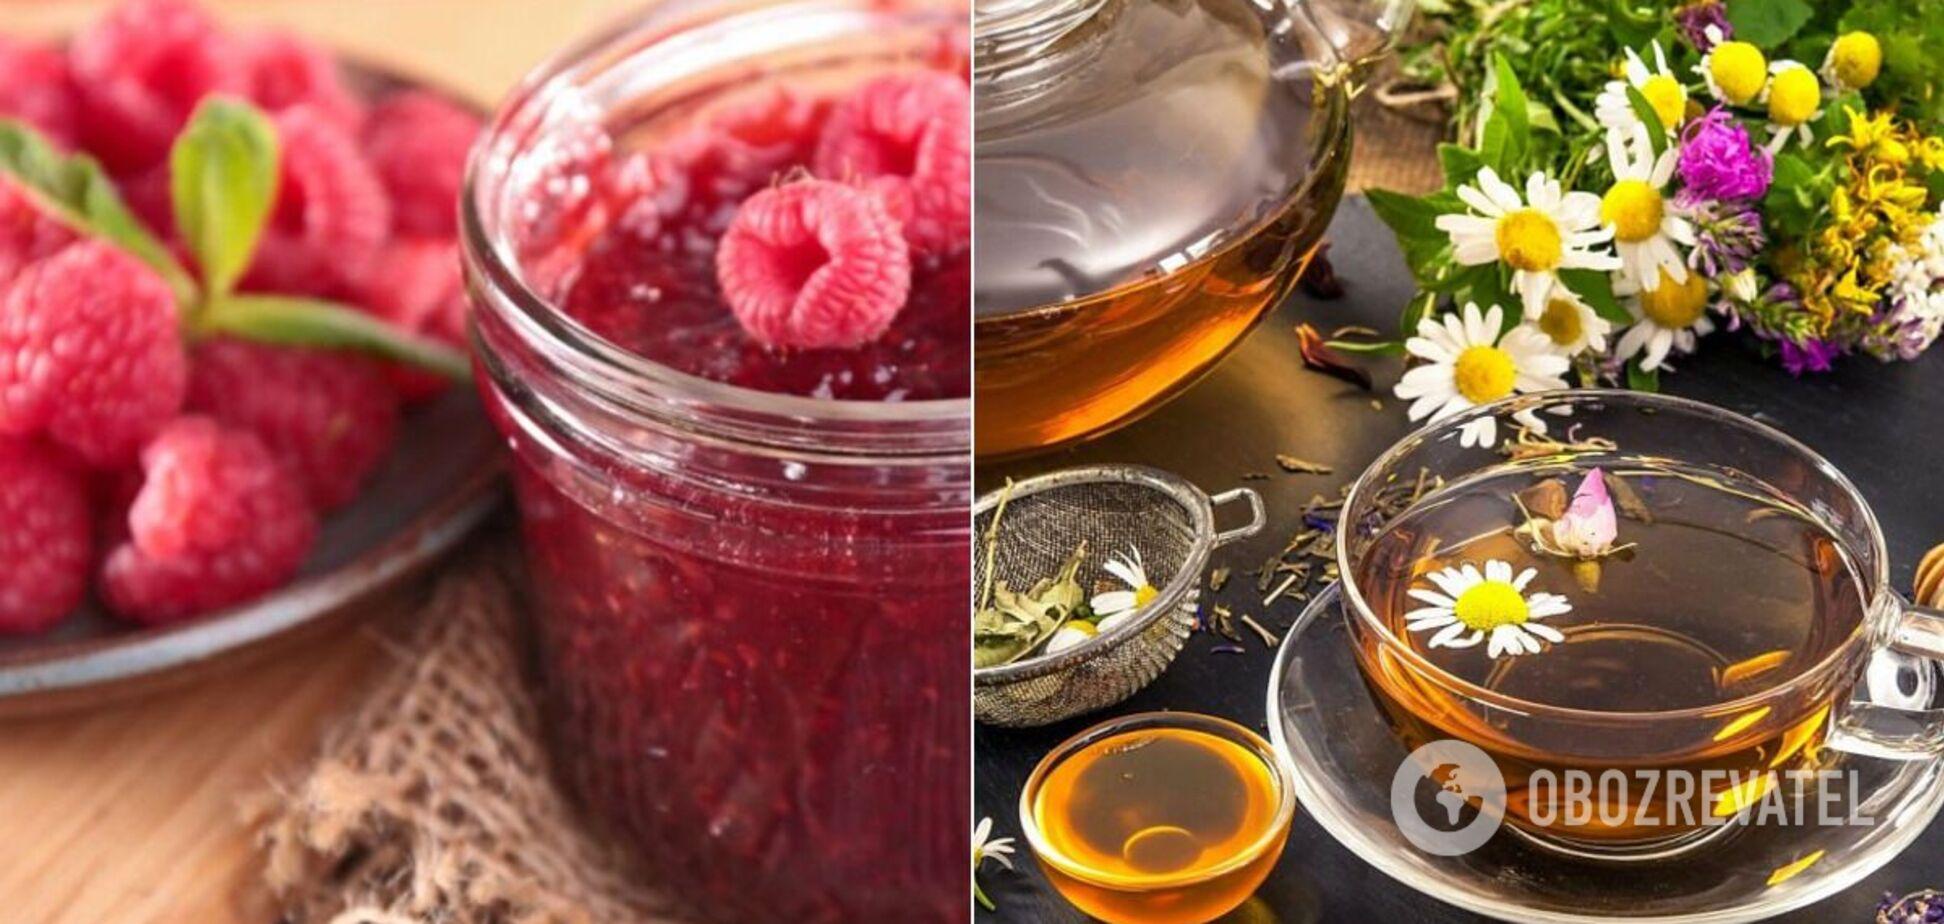 П'ять смачних і корисних засобів, які вбережуть від застуд в холоди